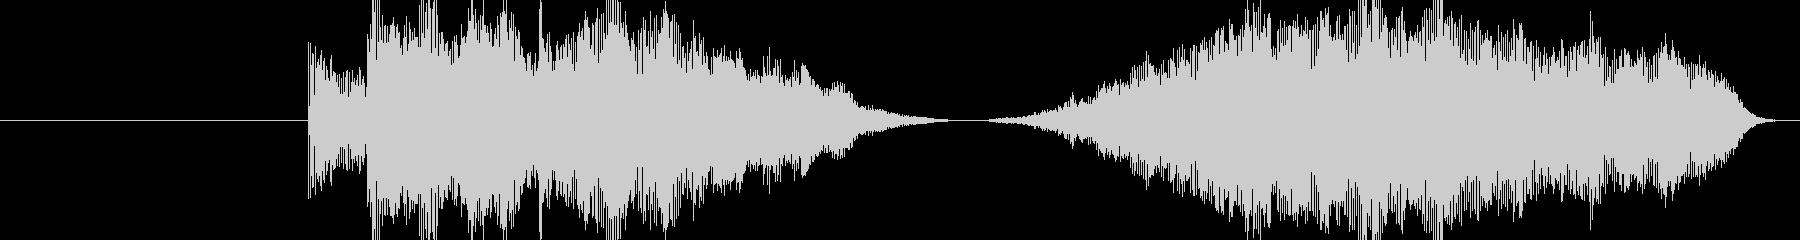 ワープ系の移動音の未再生の波形